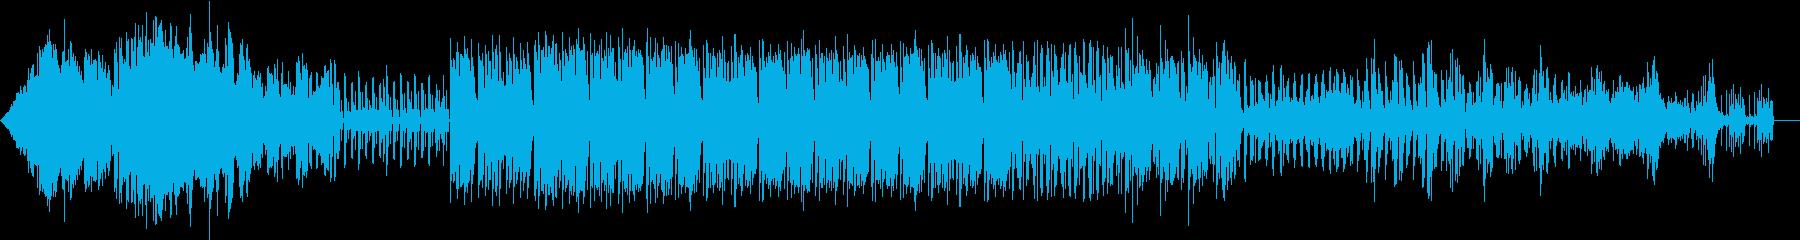 ラジオBGM ロケット・ボイスありの再生済みの波形